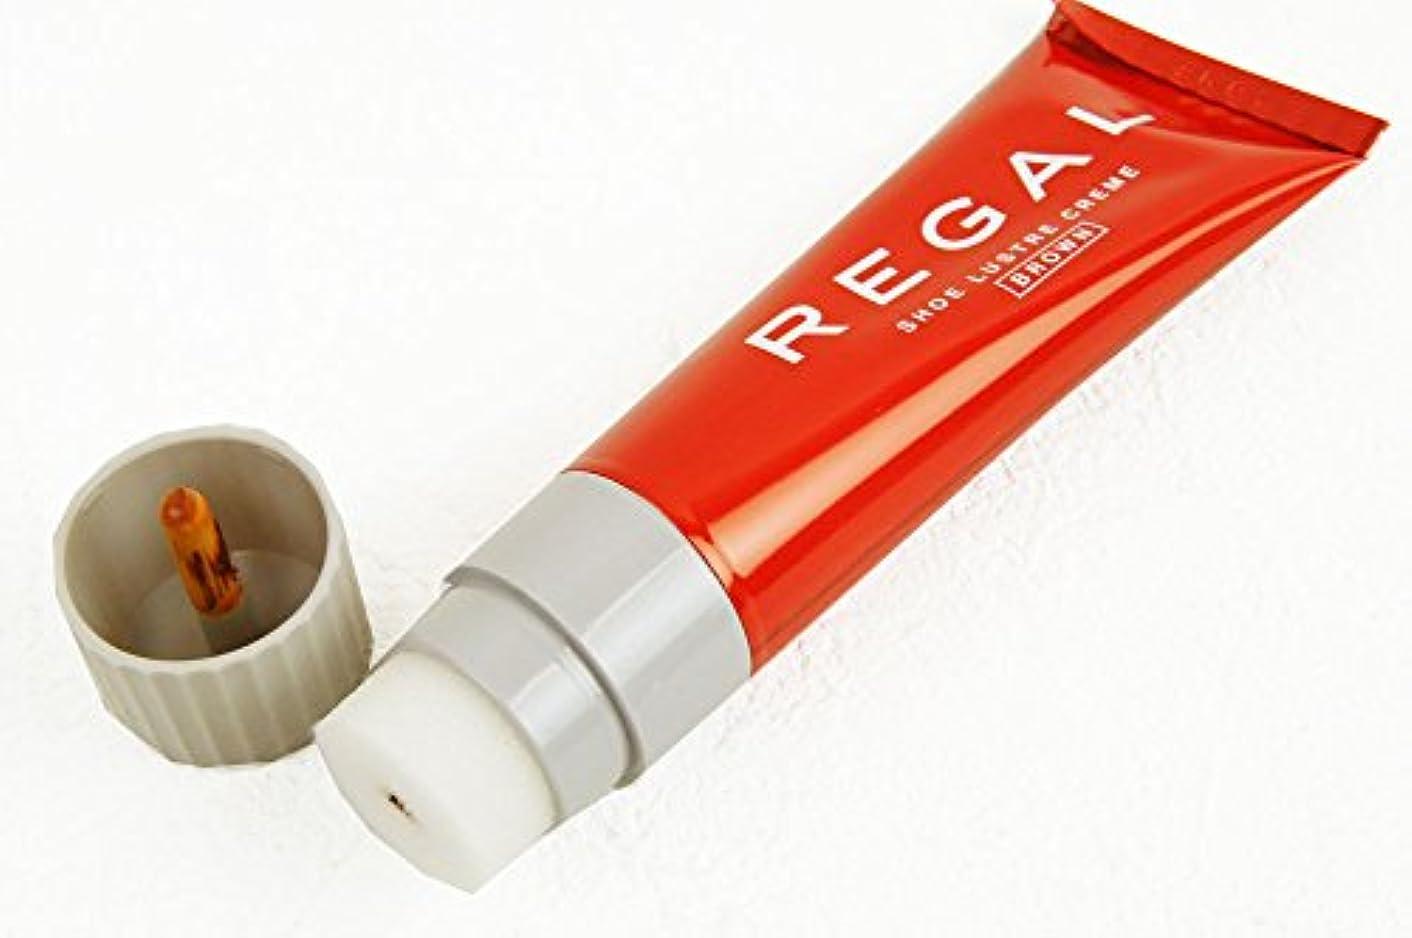 ジャングル座標等価(リーガル)REGAL TY14 シューラスタークリーム 内容量:50g BROWN